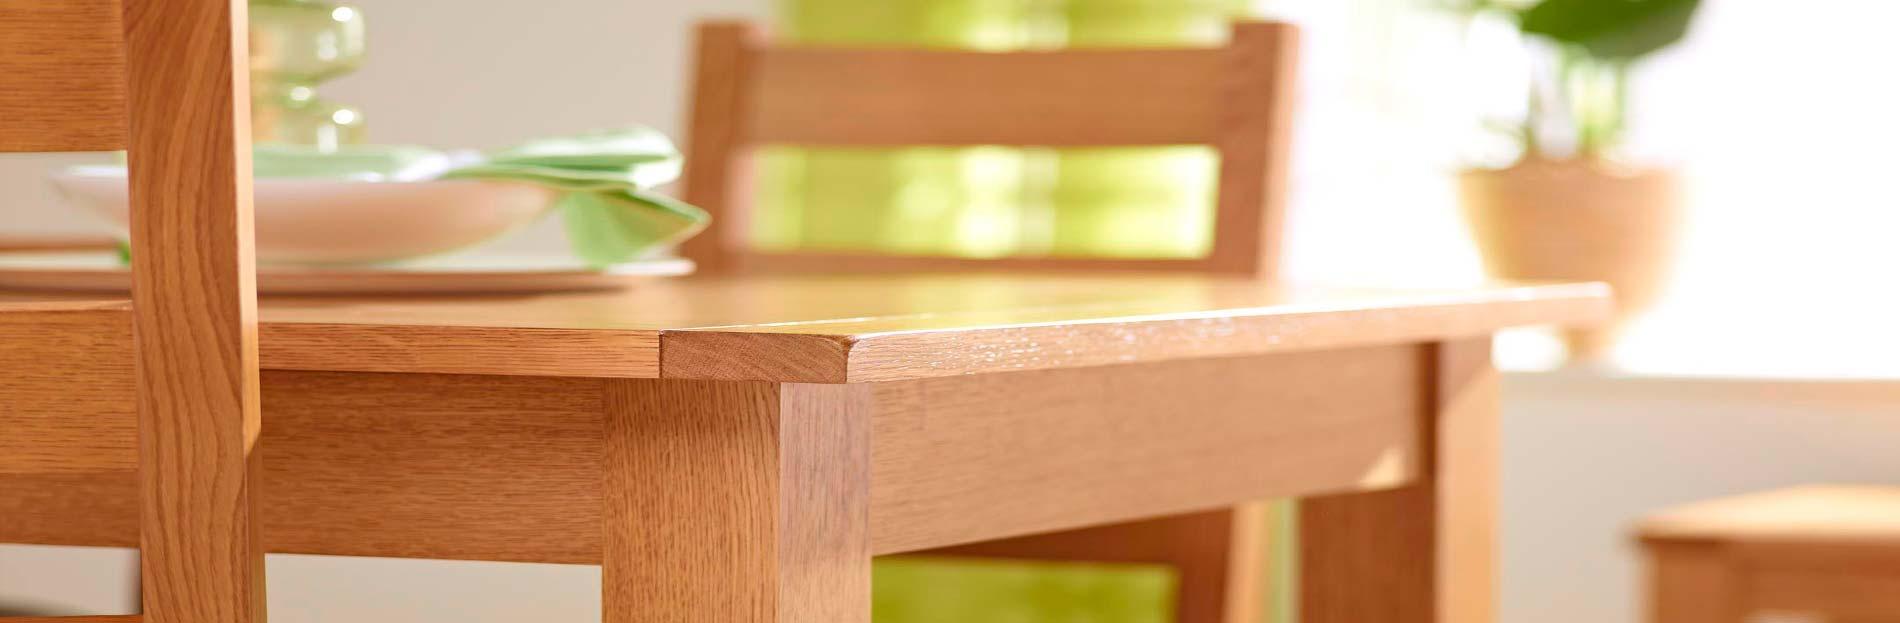 Tiendas De Muebles En Rivas : Muebles rivas fene obtenga ideas diseño de para